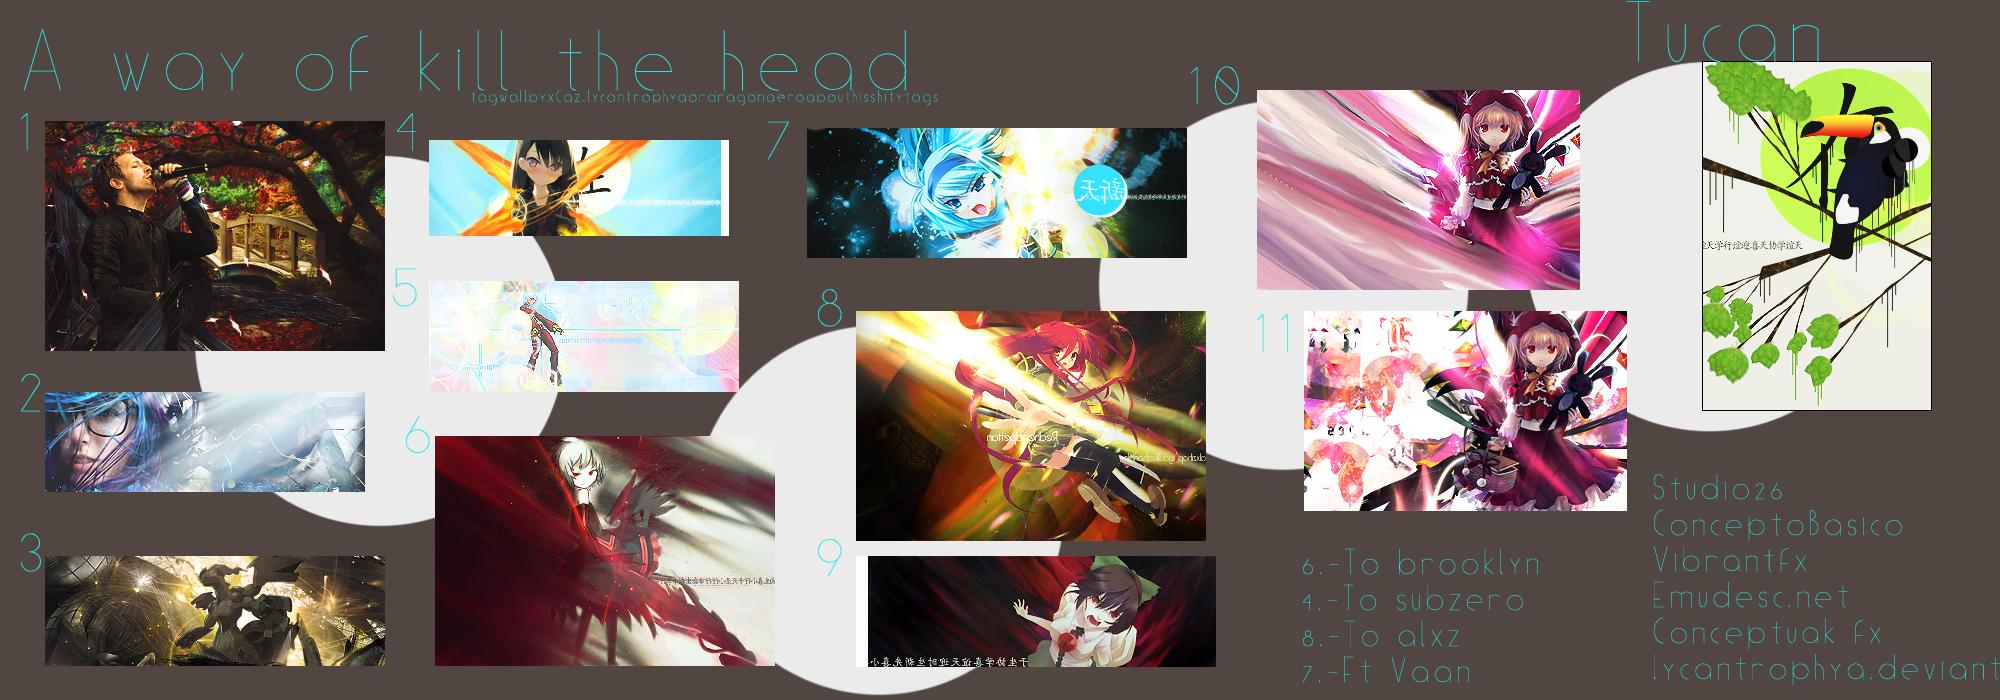 3 +1 A_way_to_kill_tha_head_by_Lycantrophya